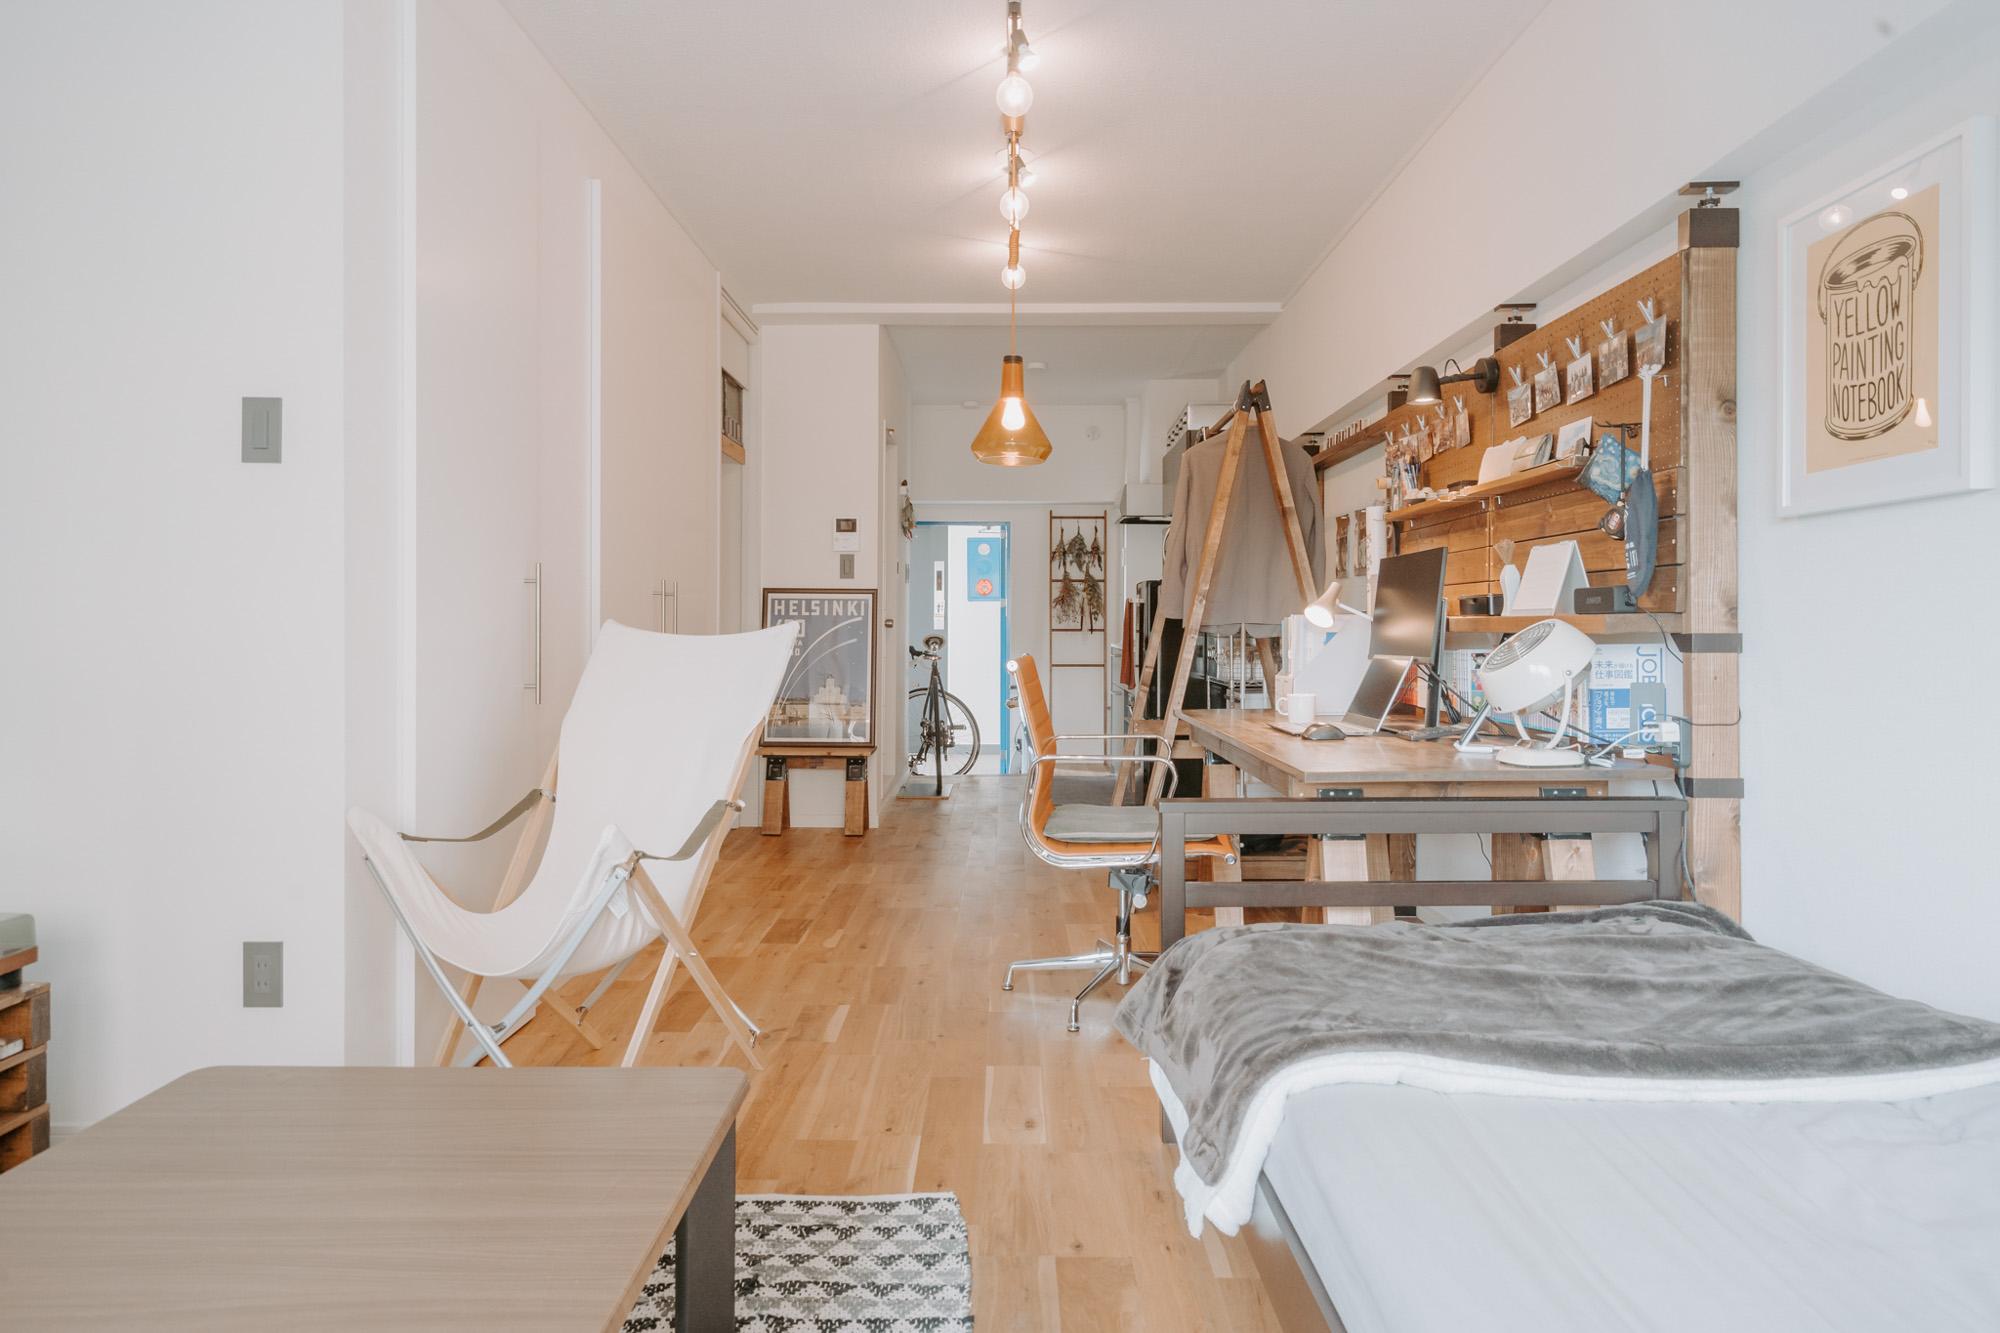 スノーピークの「Take!チェアロング」は買ってよかった家具のひとつ。「ベランダに出したりして使っています」